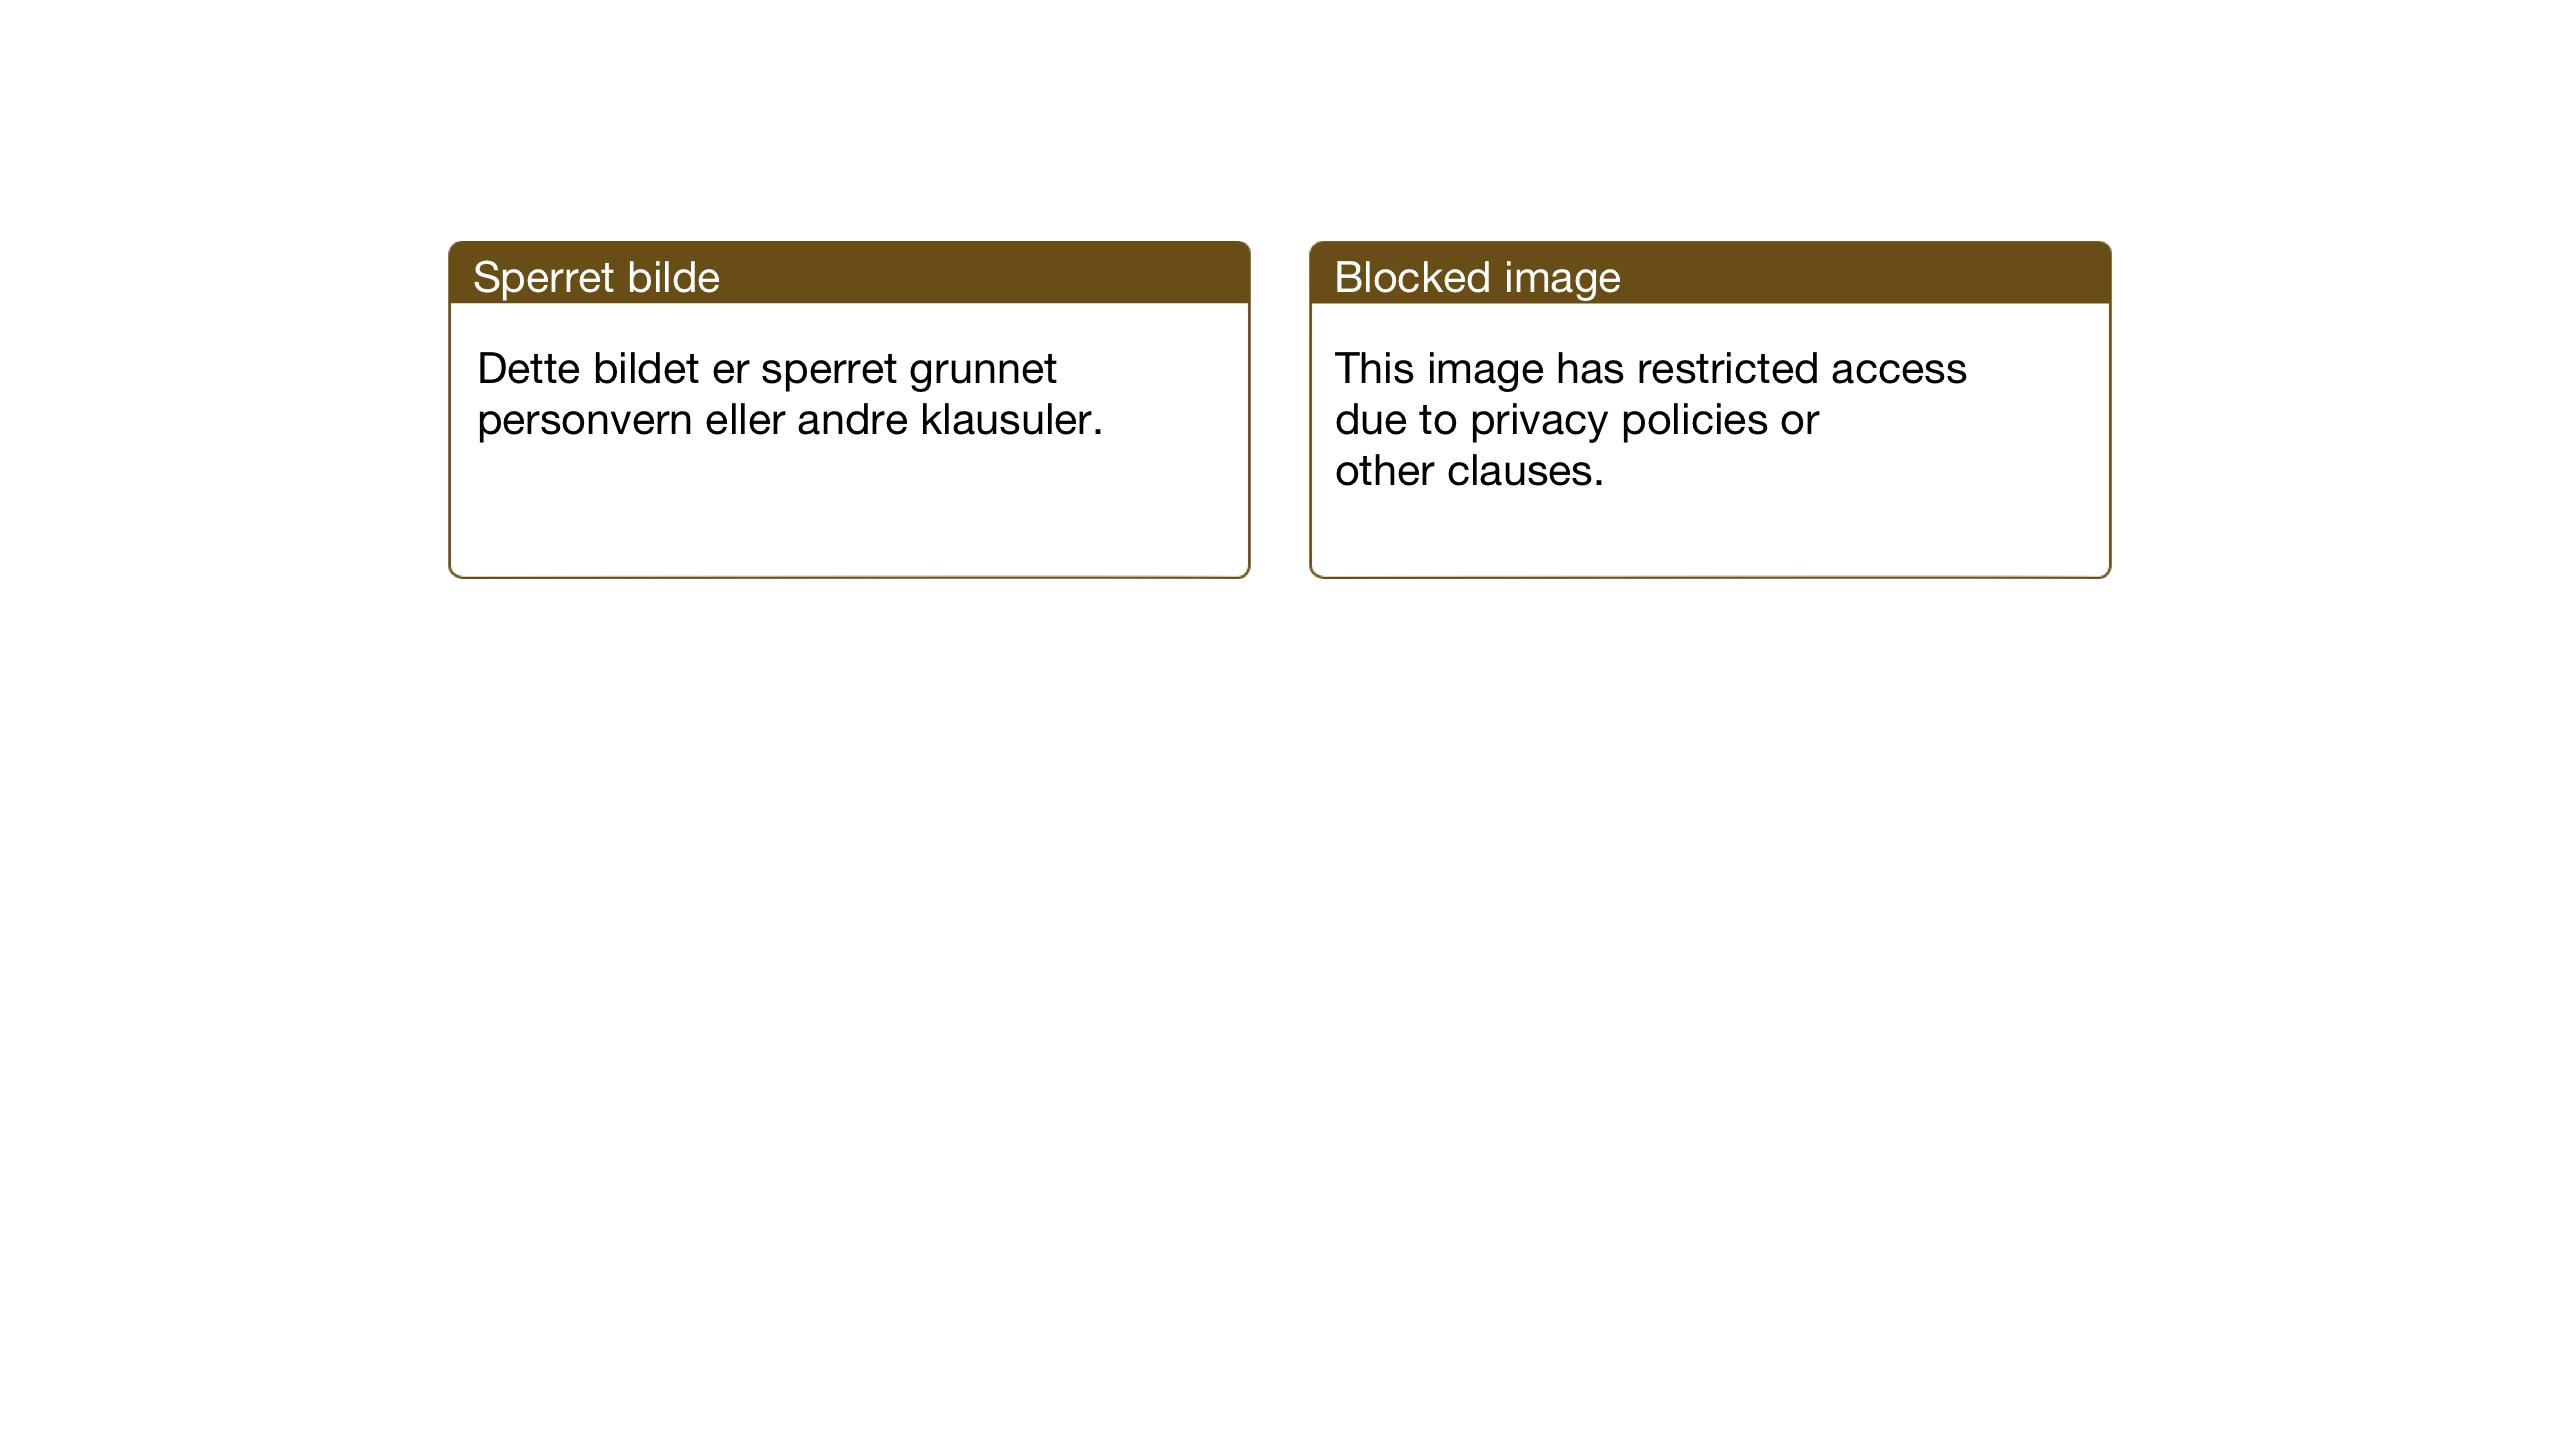 SAT, Ministerialprotokoller, klokkerbøker og fødselsregistre - Nord-Trøndelag, 755/L0500: Klokkerbok nr. 755C01, 1920-1962, s. 177